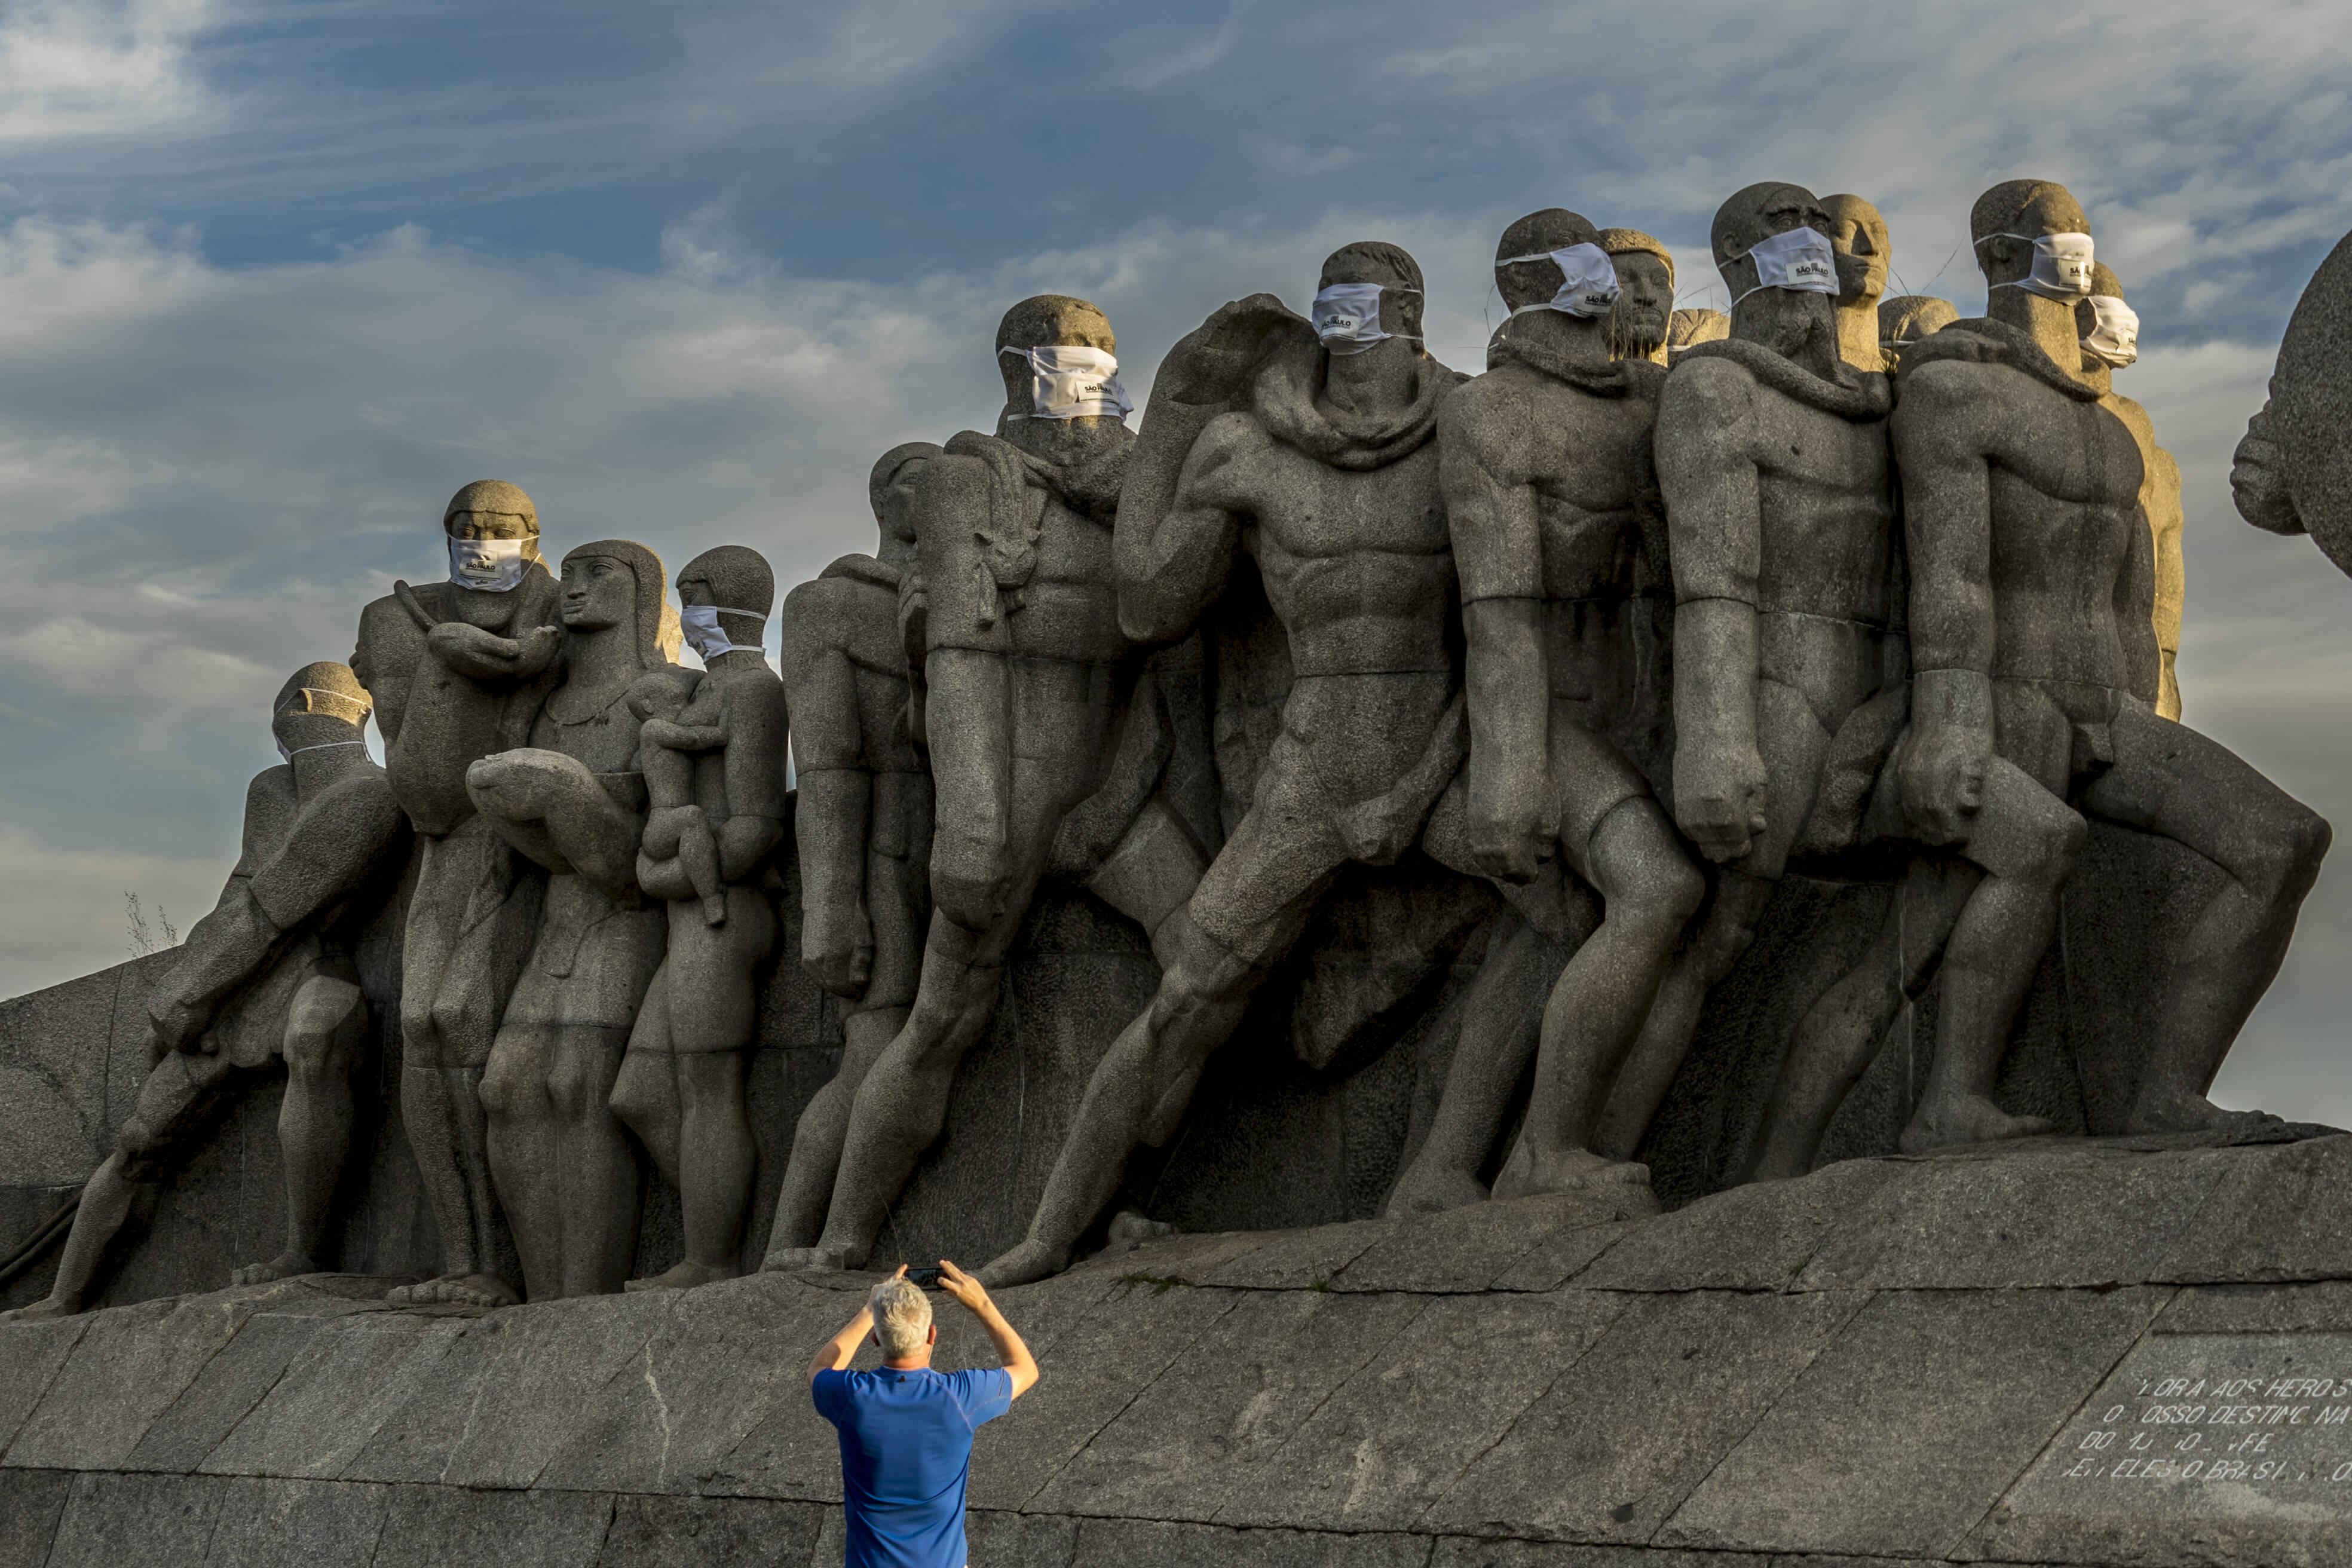 Монумент Бандейрас вСан-Паулу